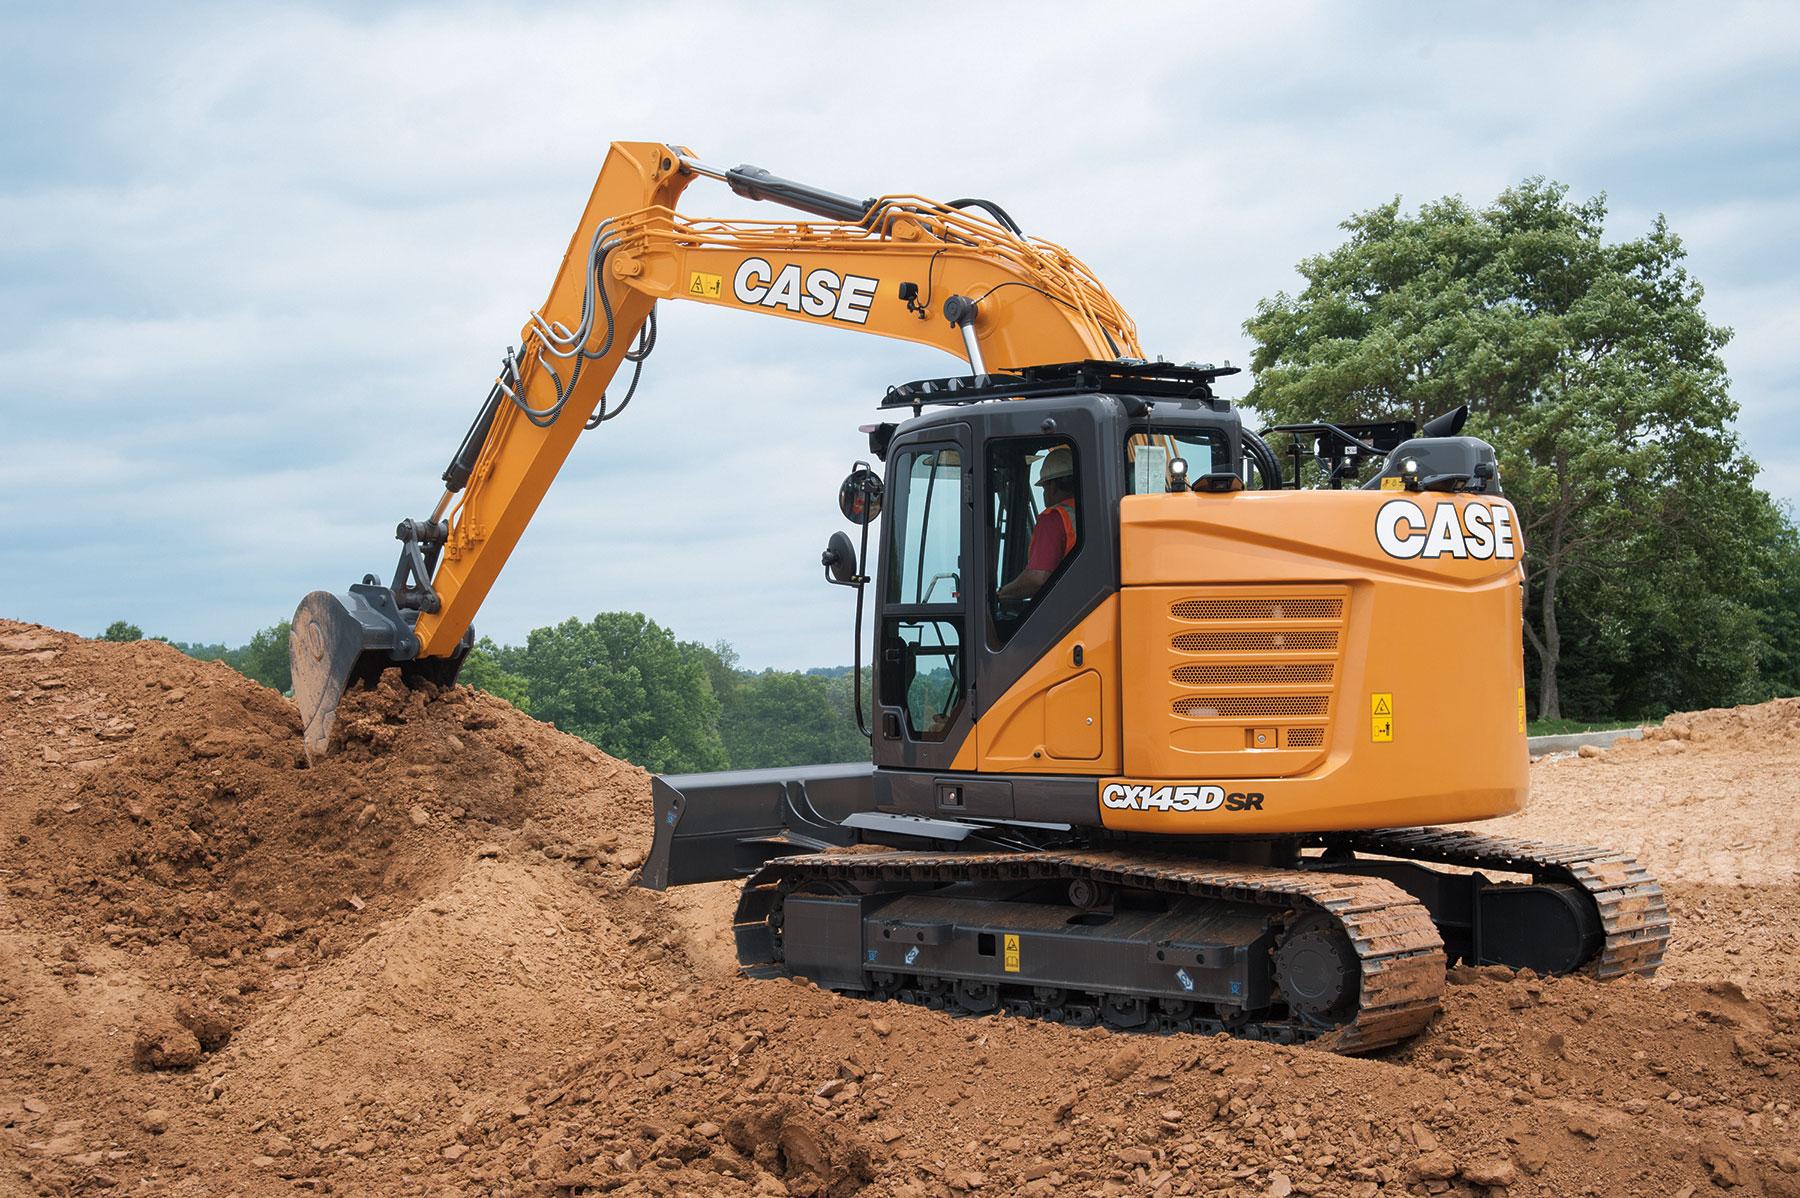 Case Minimum Swing Excavator Public Works Magazine